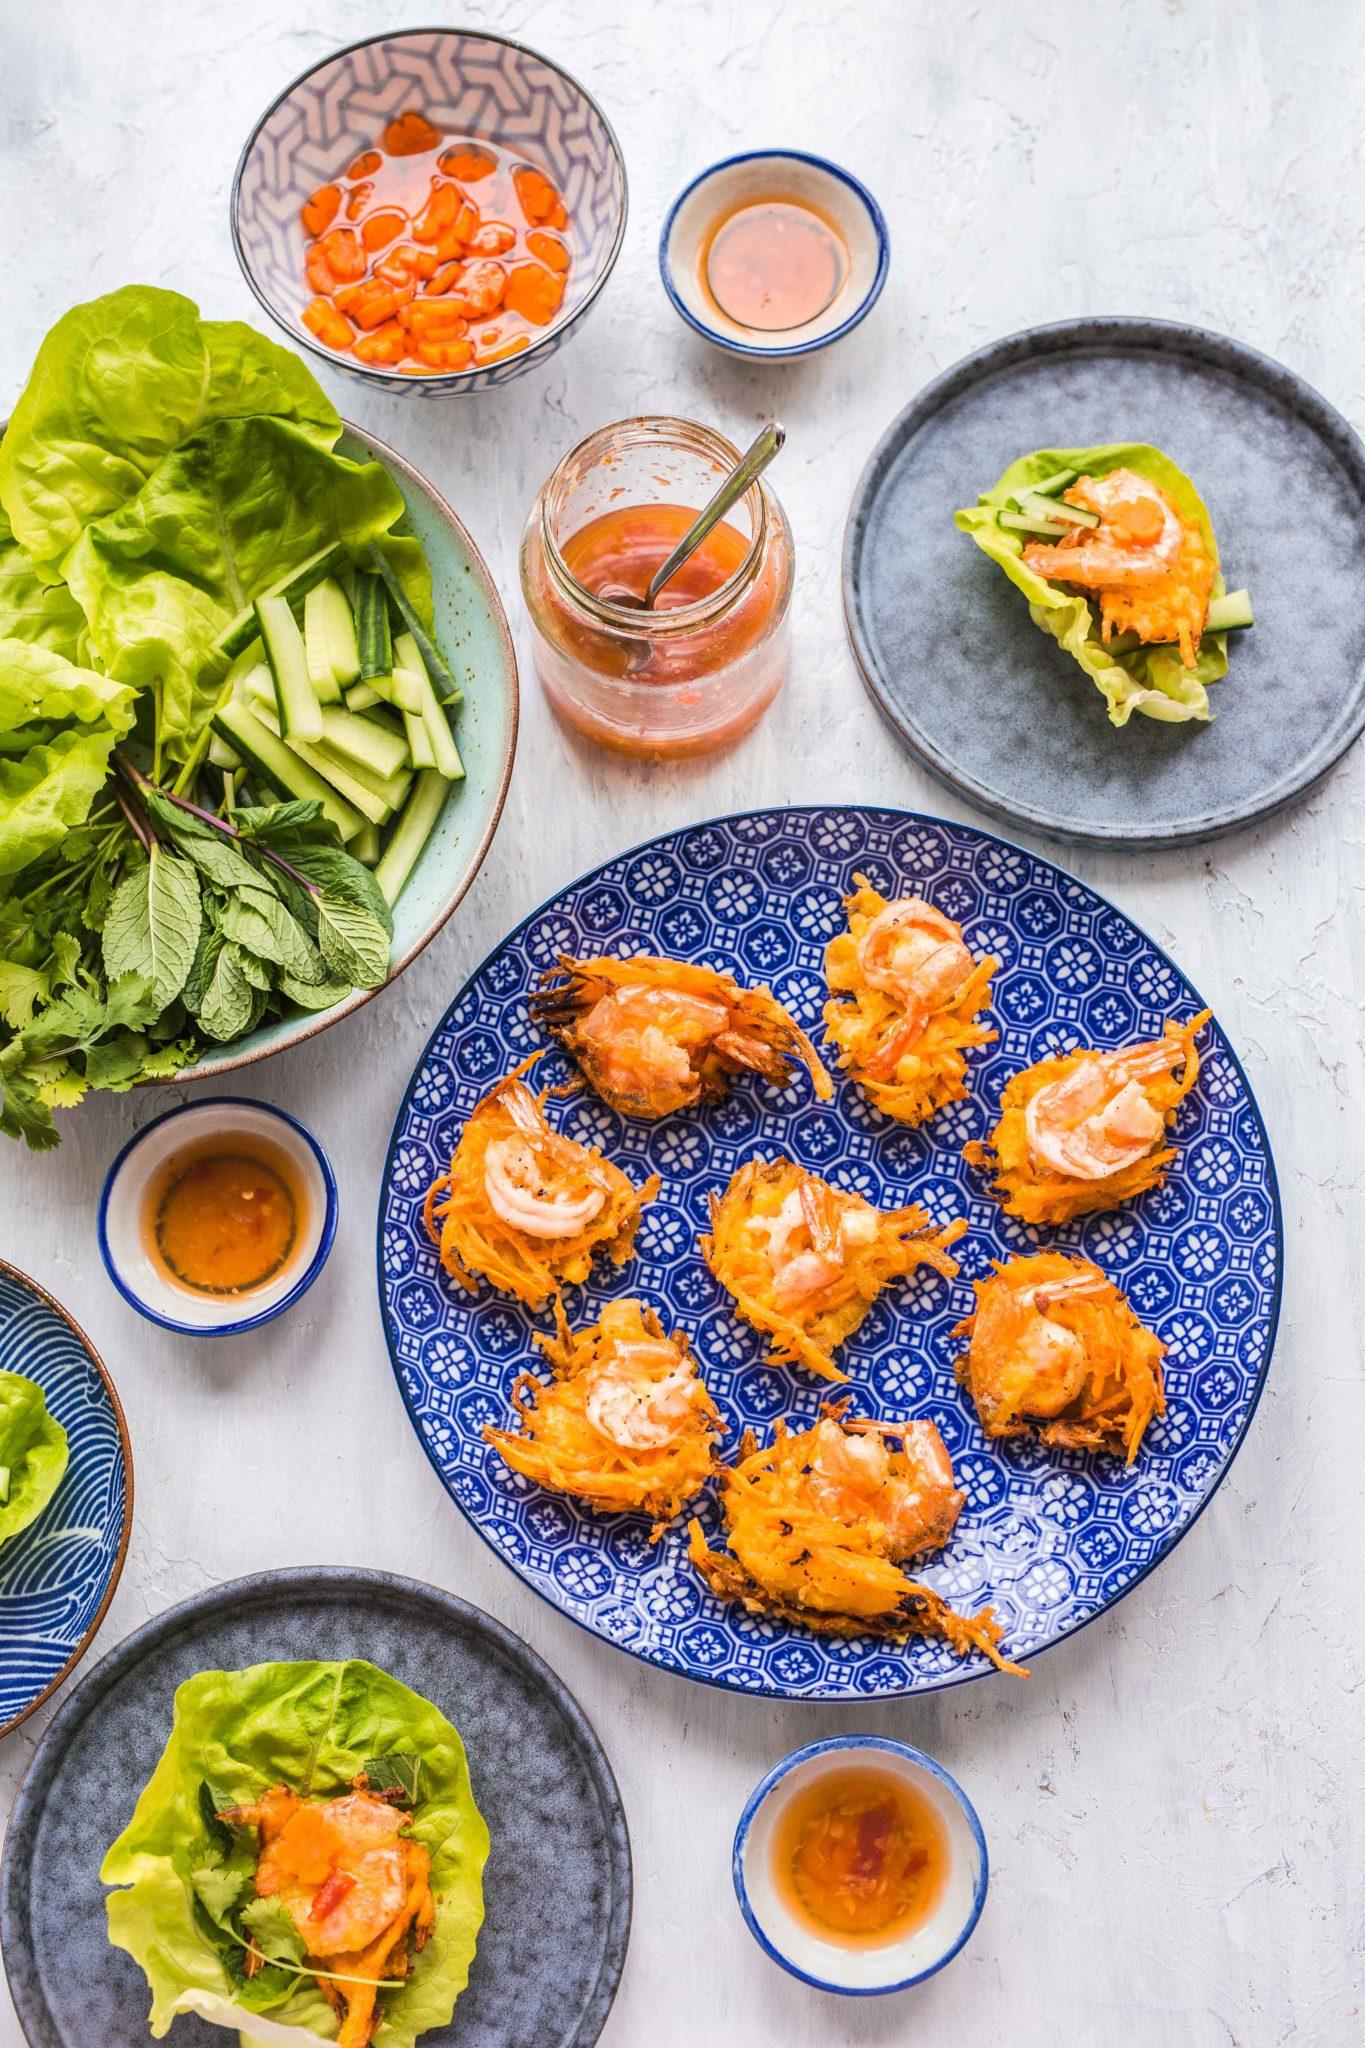 Banh tom Vietnamese zoete aardappelnestjes met garnalen